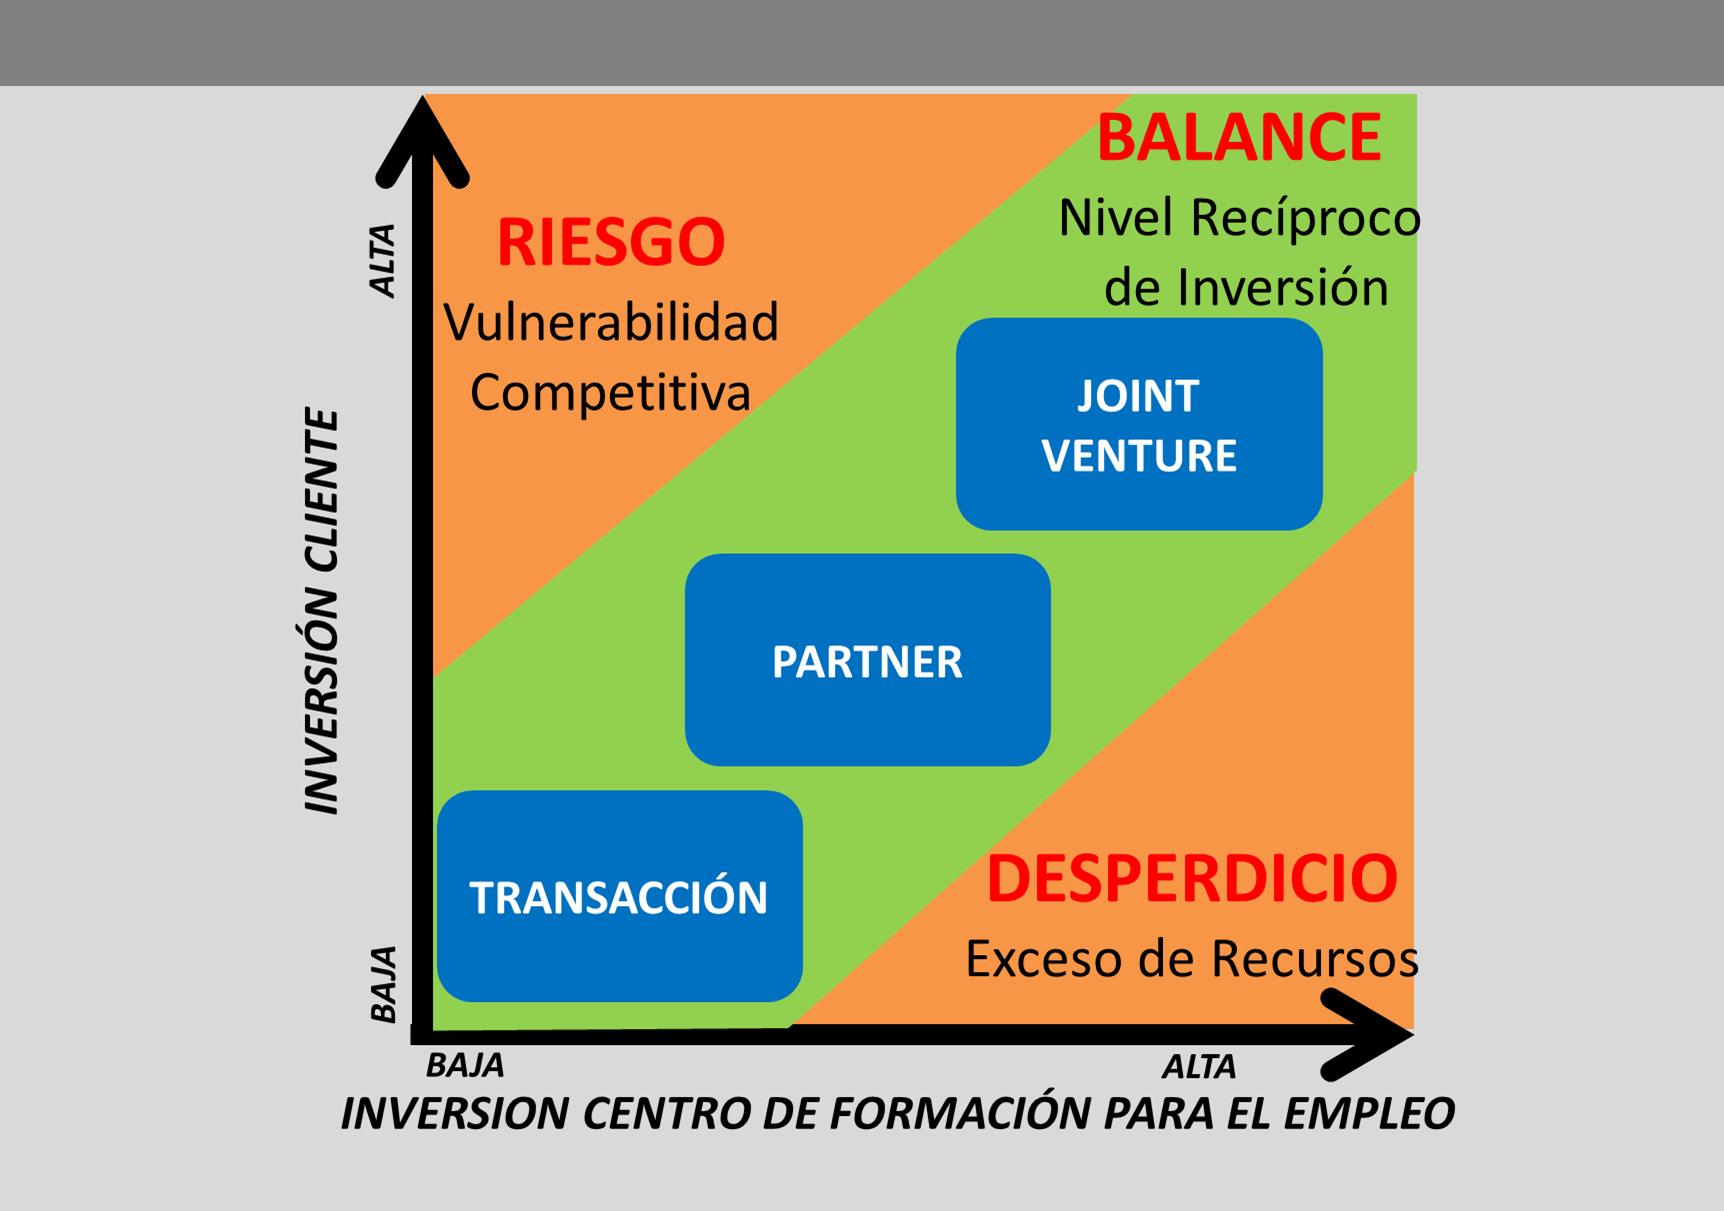 Matriz inversi n cliente vs inversi n centro de formaci n for On centro de formacion